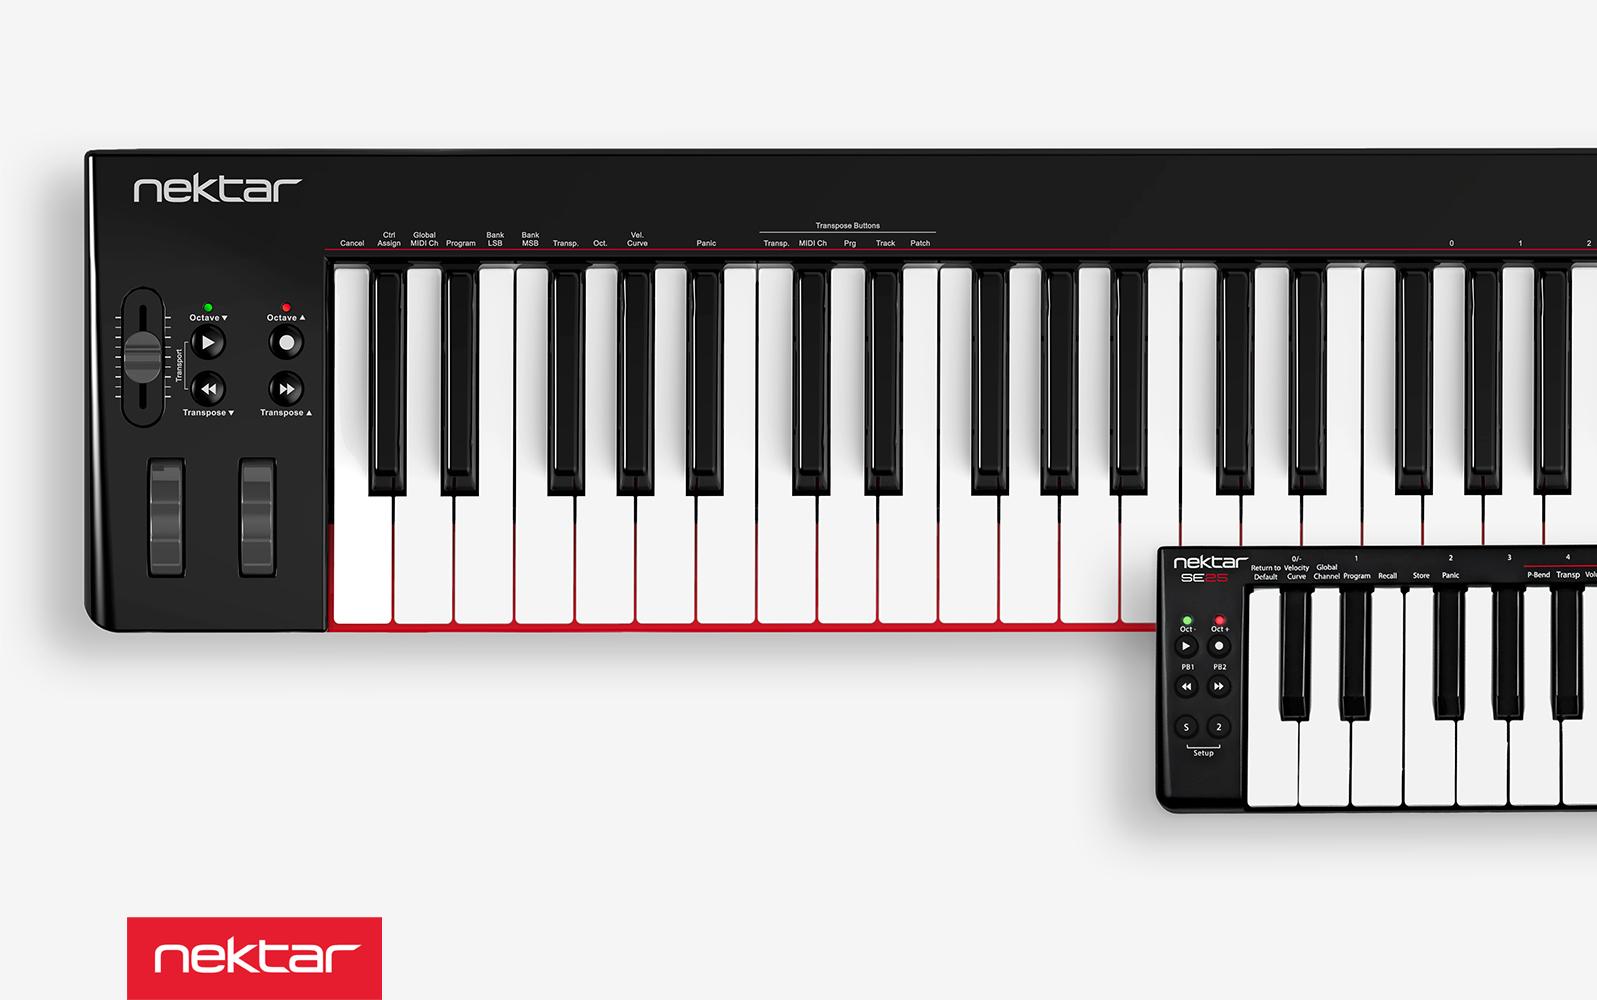 Nektar lanserar ny serie av kompakta USB-keyboards – SE25 och SE49